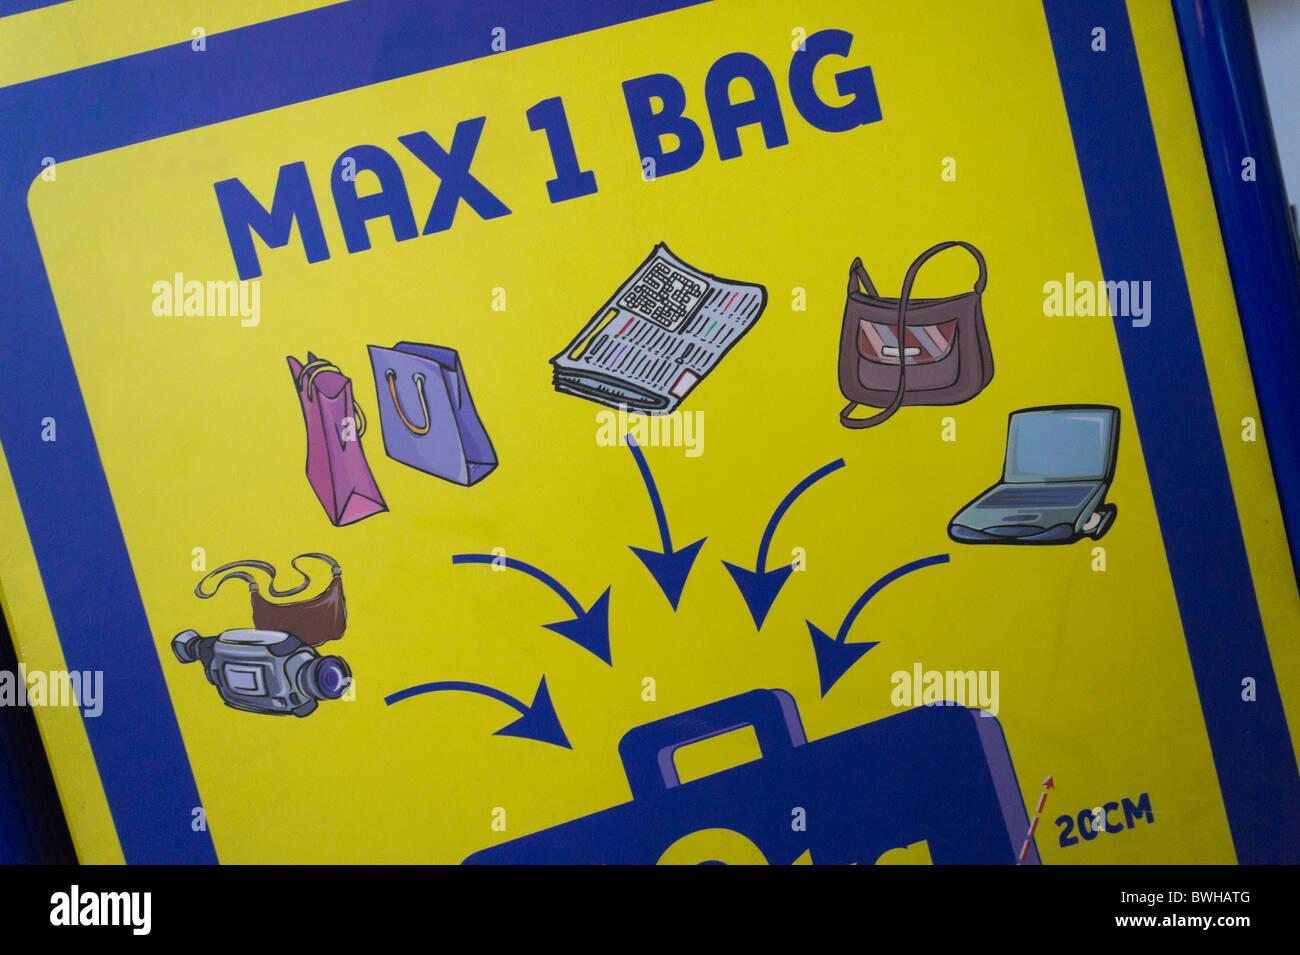 Flughafen Handgepäck Handgepäck Flughafen JagdquotenRyanair Flughafen Zeichen Kabine Zeichen JagdquotenRyanair Kabine DWHI29E